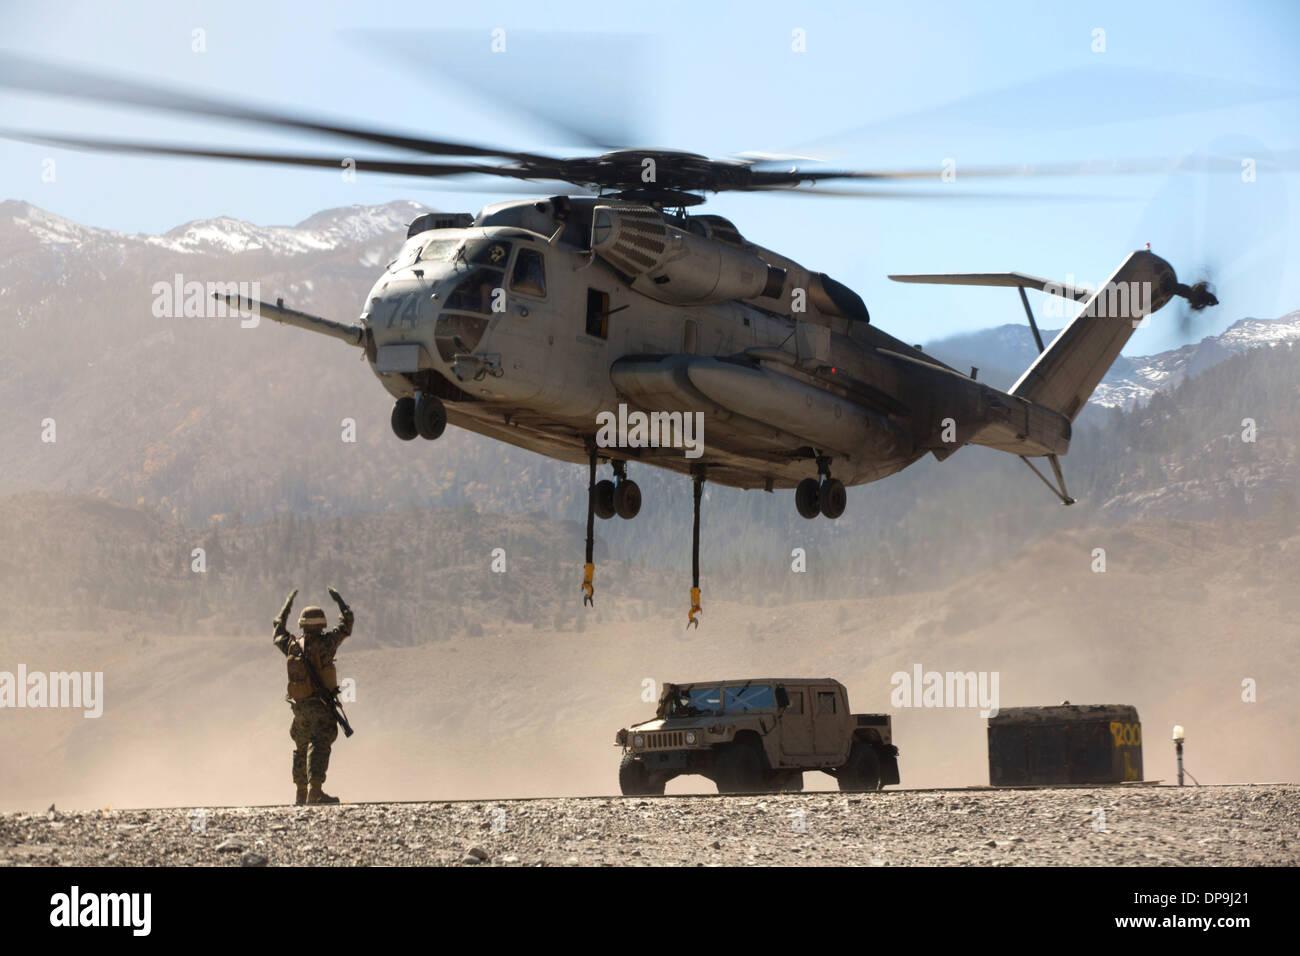 Marina de los EE.UU. dirige los pilotos de un tipo CH-53E Super Stallion helicóptero tras soltar un Humvee Foto de stock